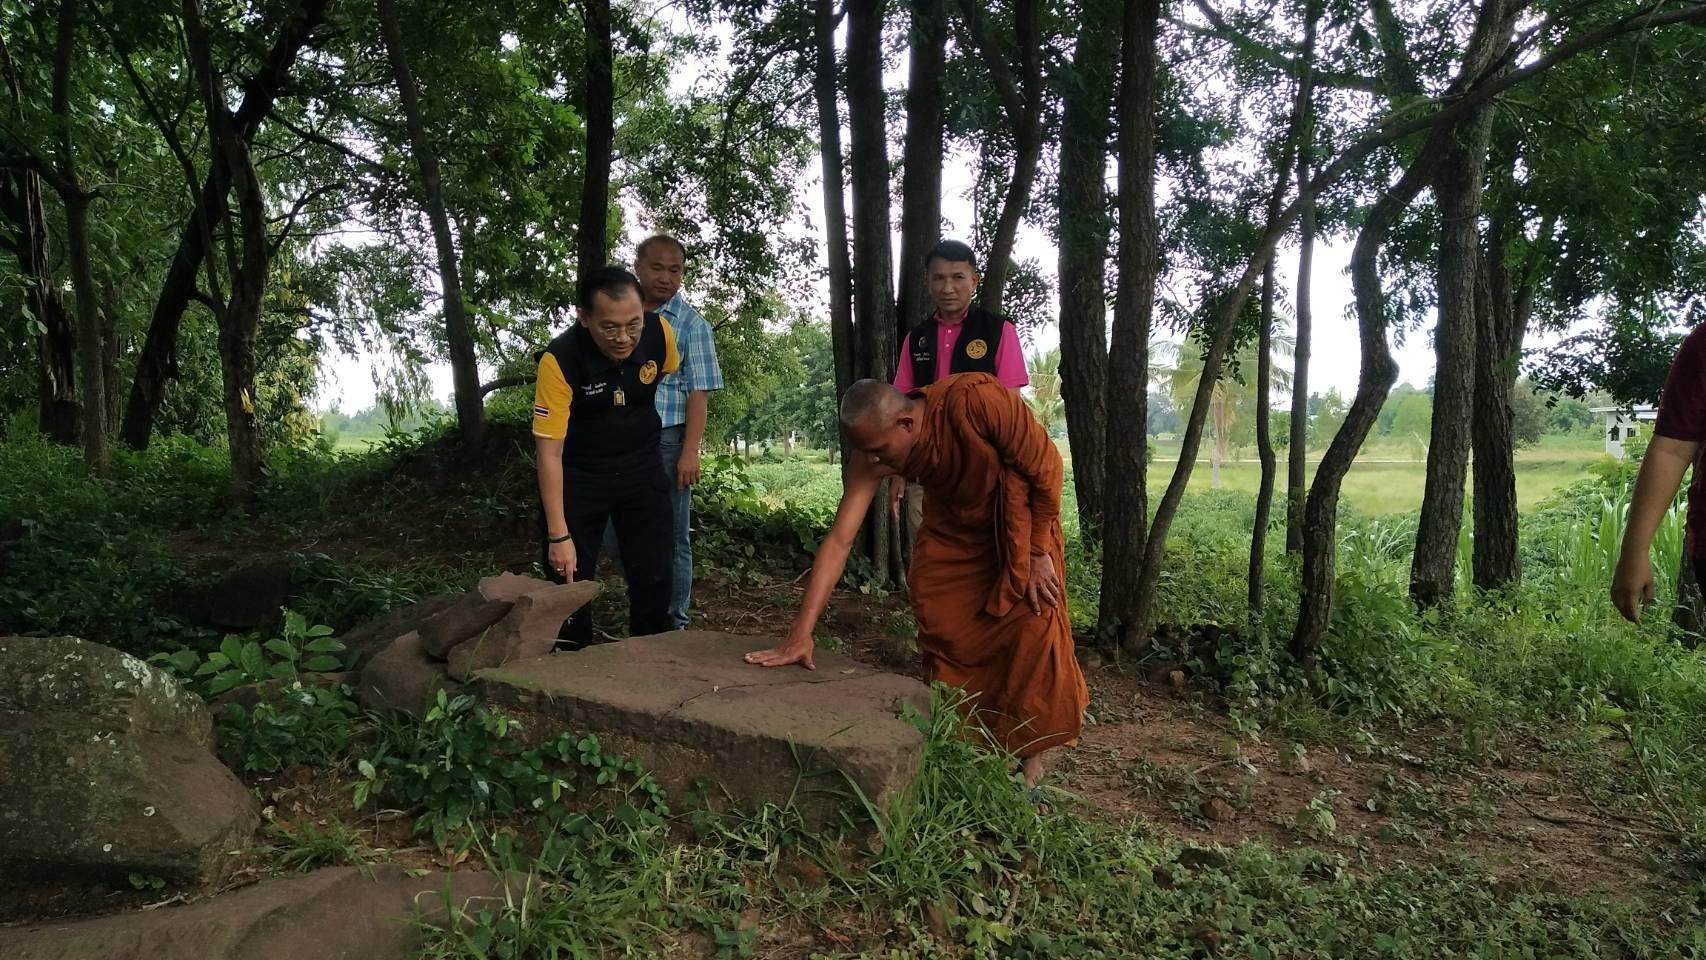 โคราชตรวจสอบหินทรายโบราณ ชนิดเดียวกับพระพุทธรูปโบราณสมัยทวาราวดี